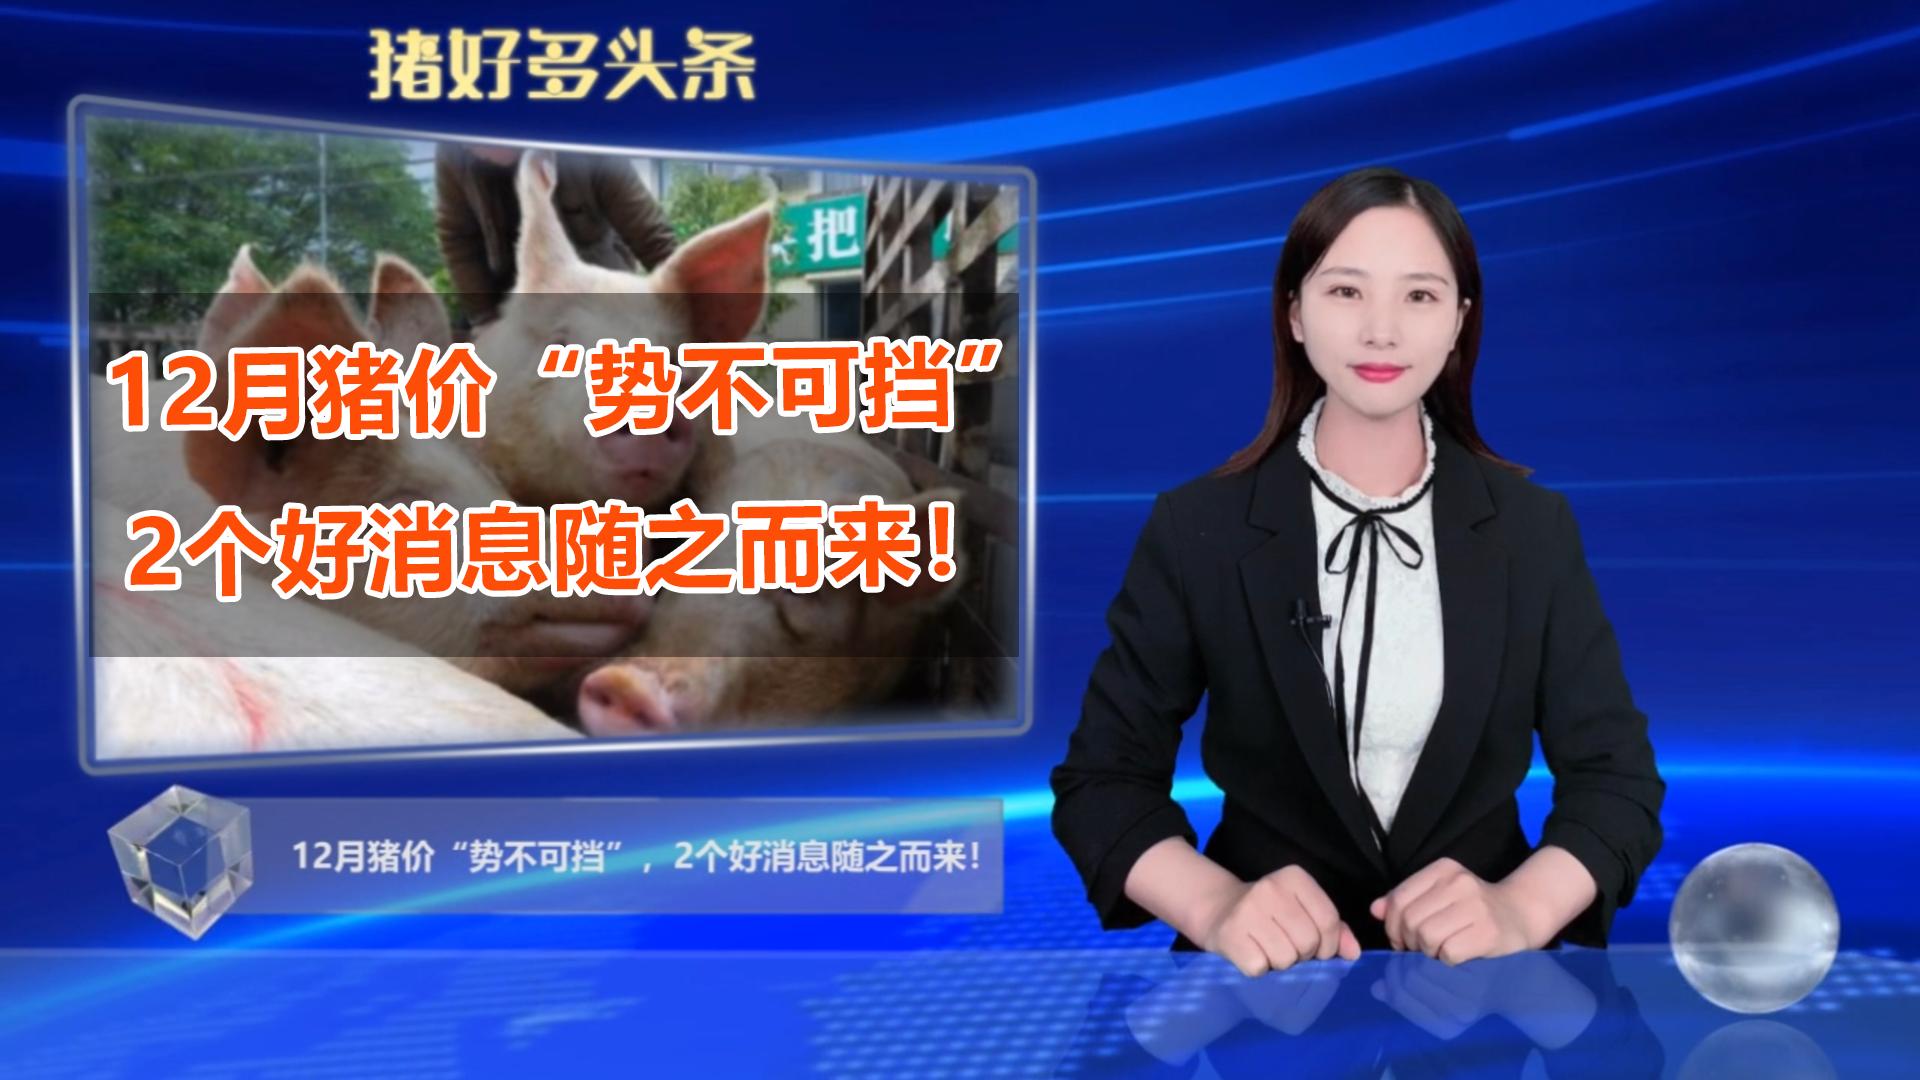 """12月猪价""""势不可挡"""",猪肉进口缩水,2个好消息随之而来!"""